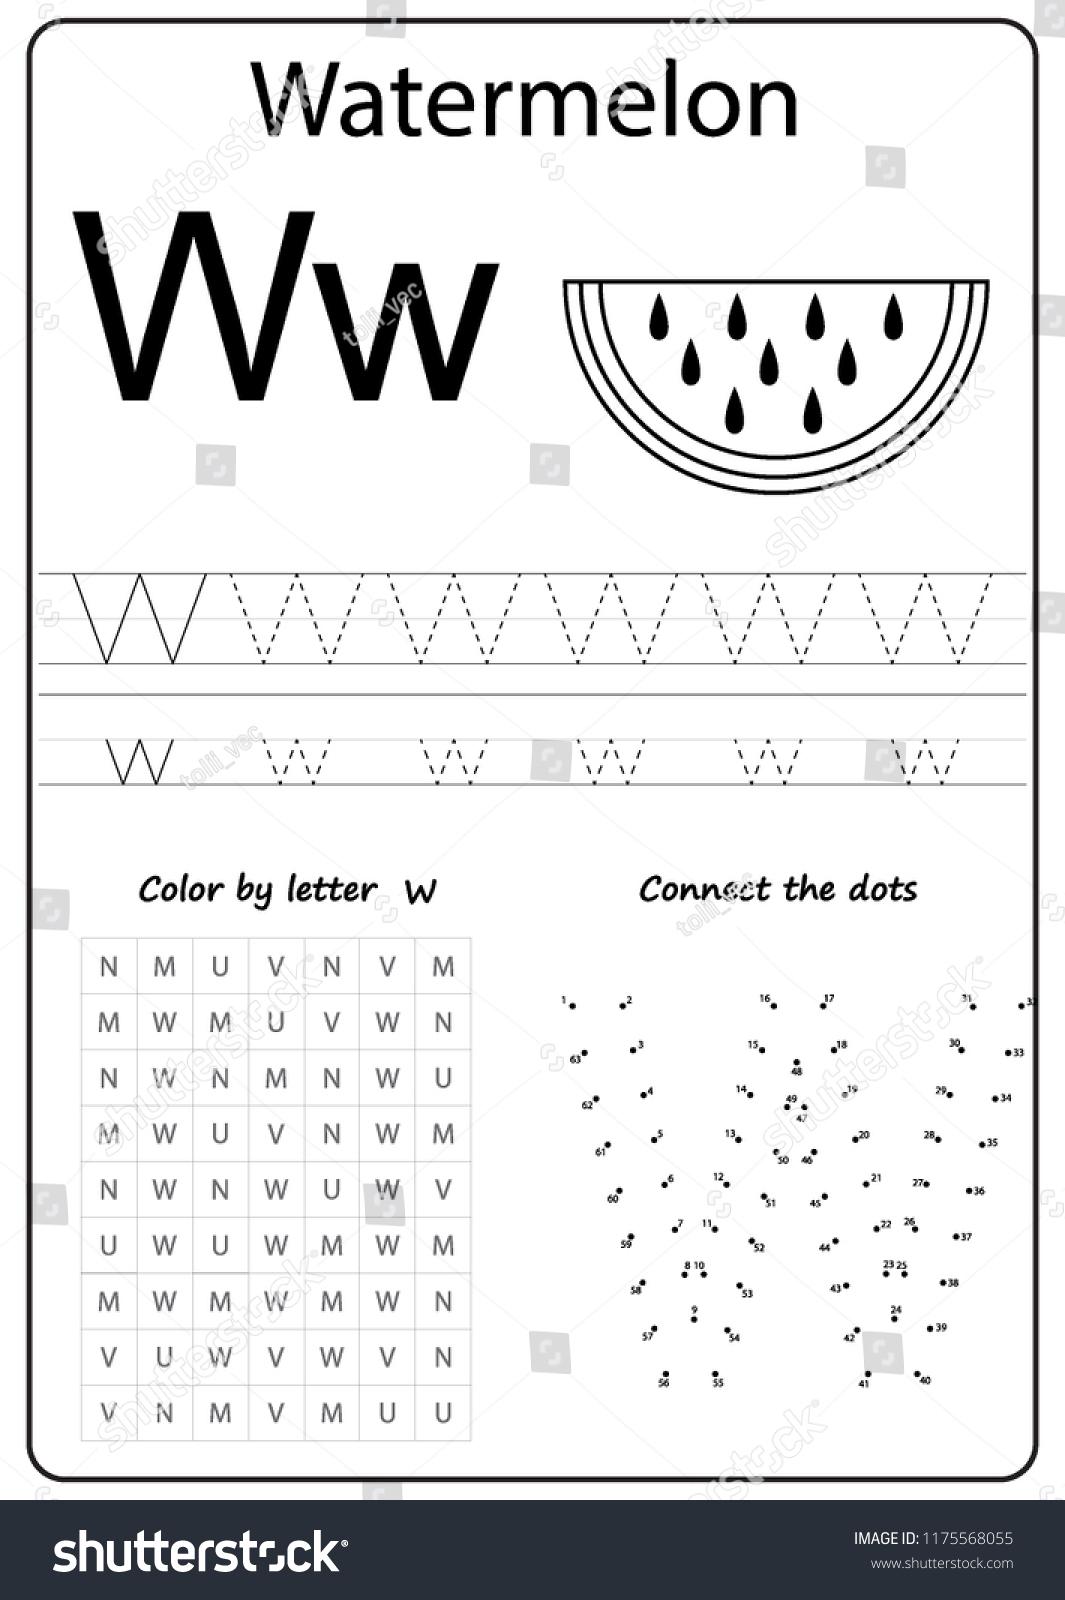 Image Vectorielle De Stock De Écrire A-Z, Alphabet, Faire concernant Ecrire L Alphabet